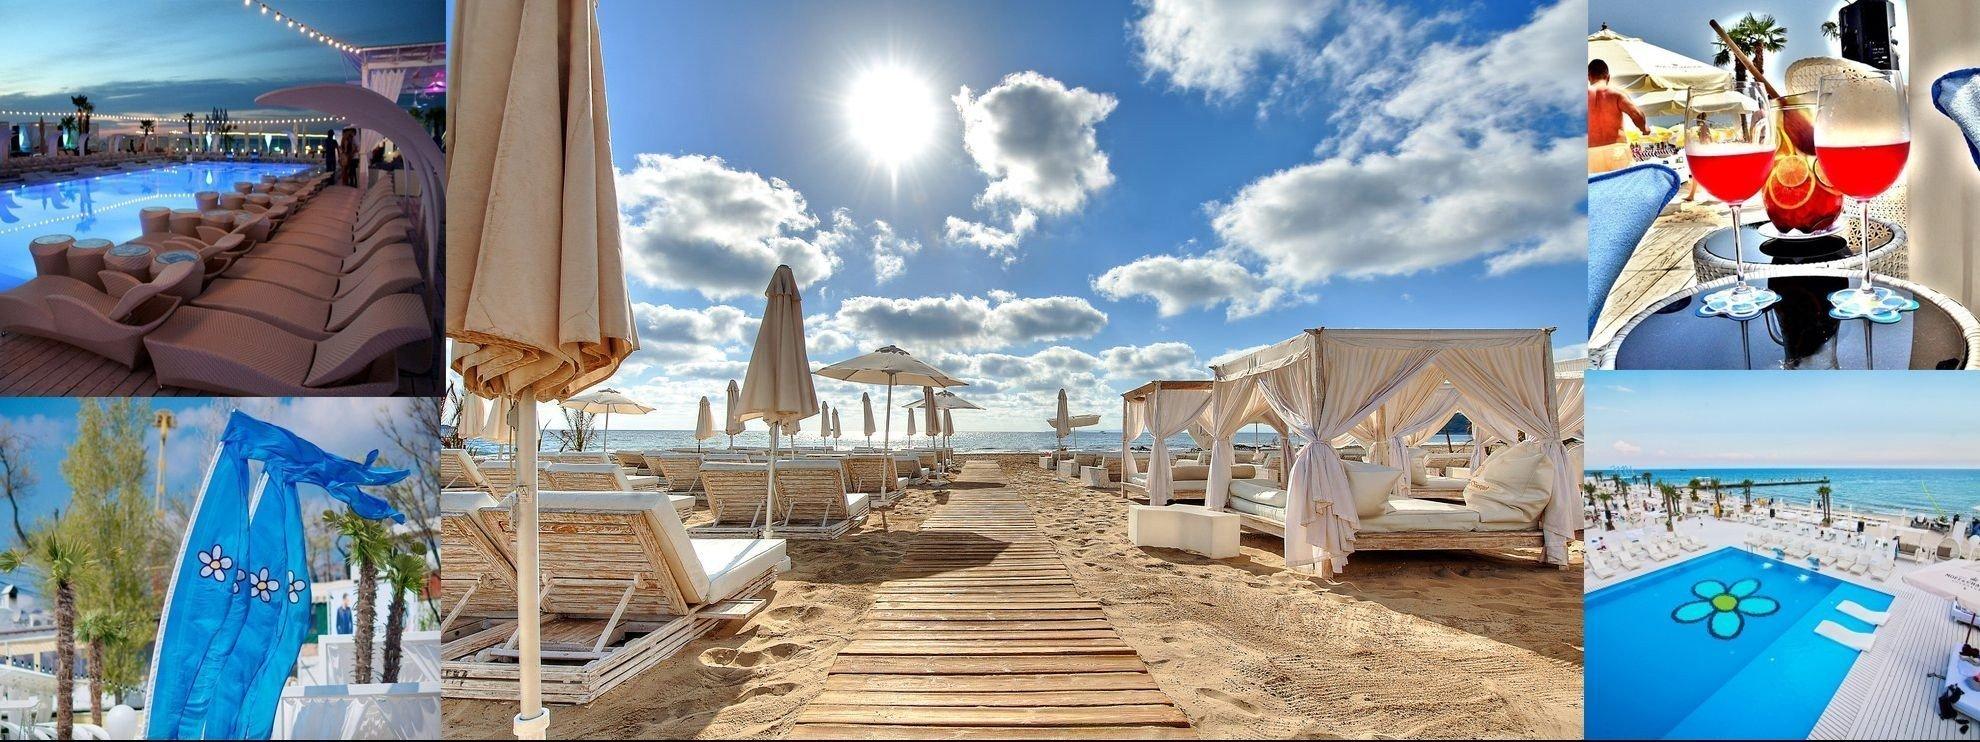 событие День рождения клуба Ibiza (Ибица)